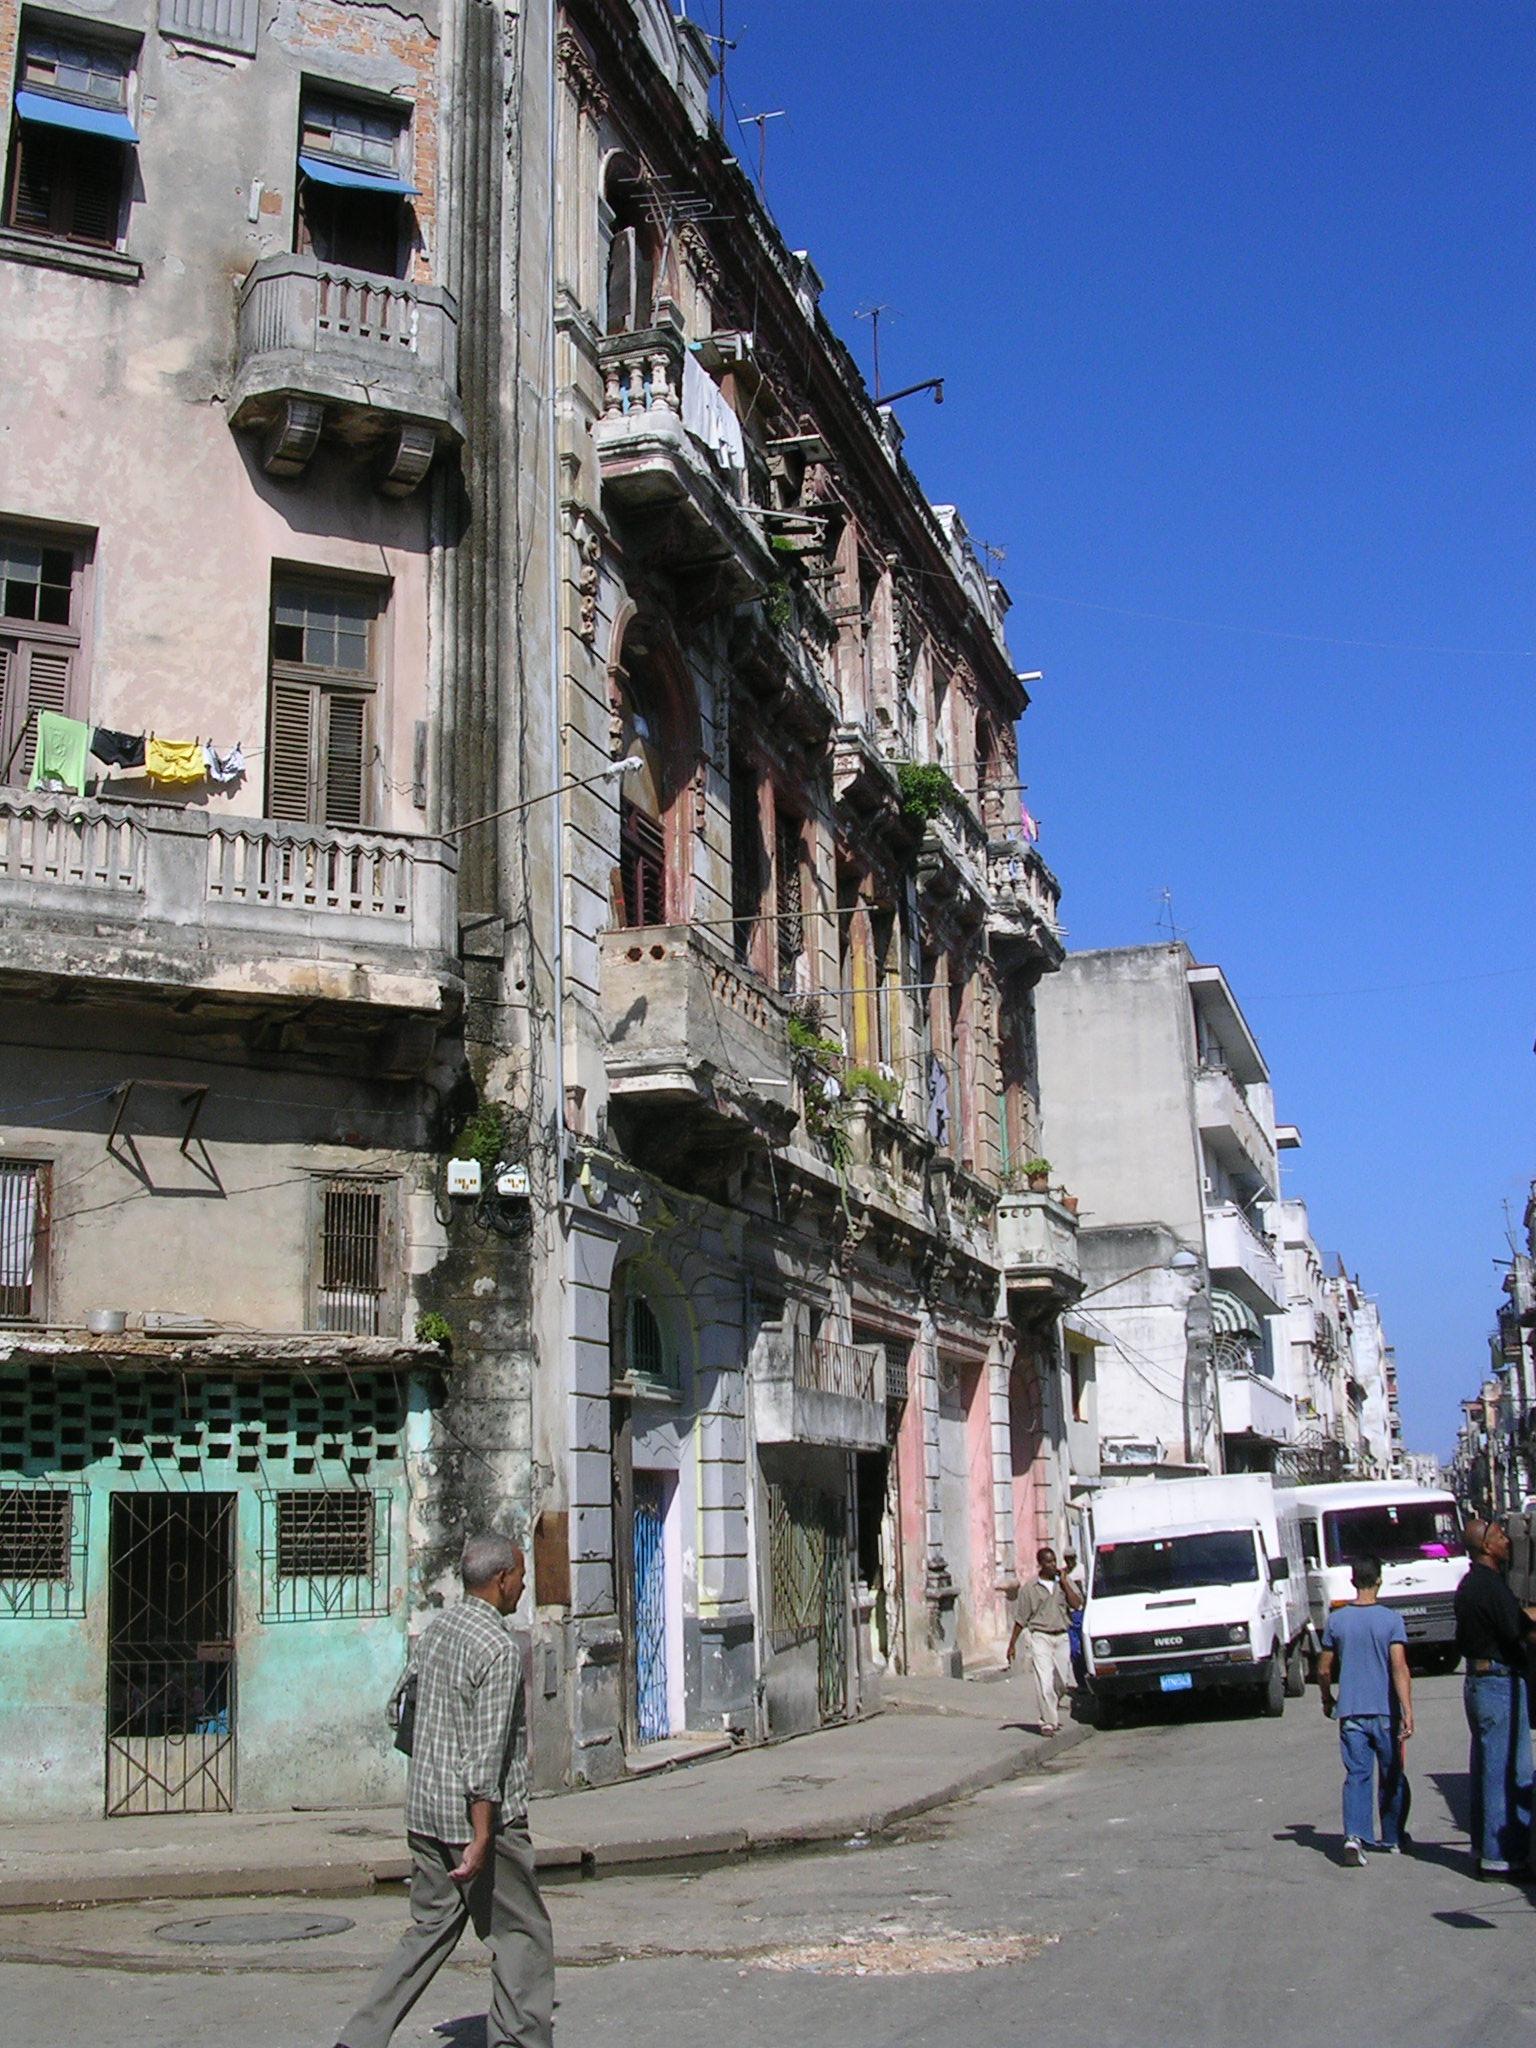 Cuba Nov 2008 020